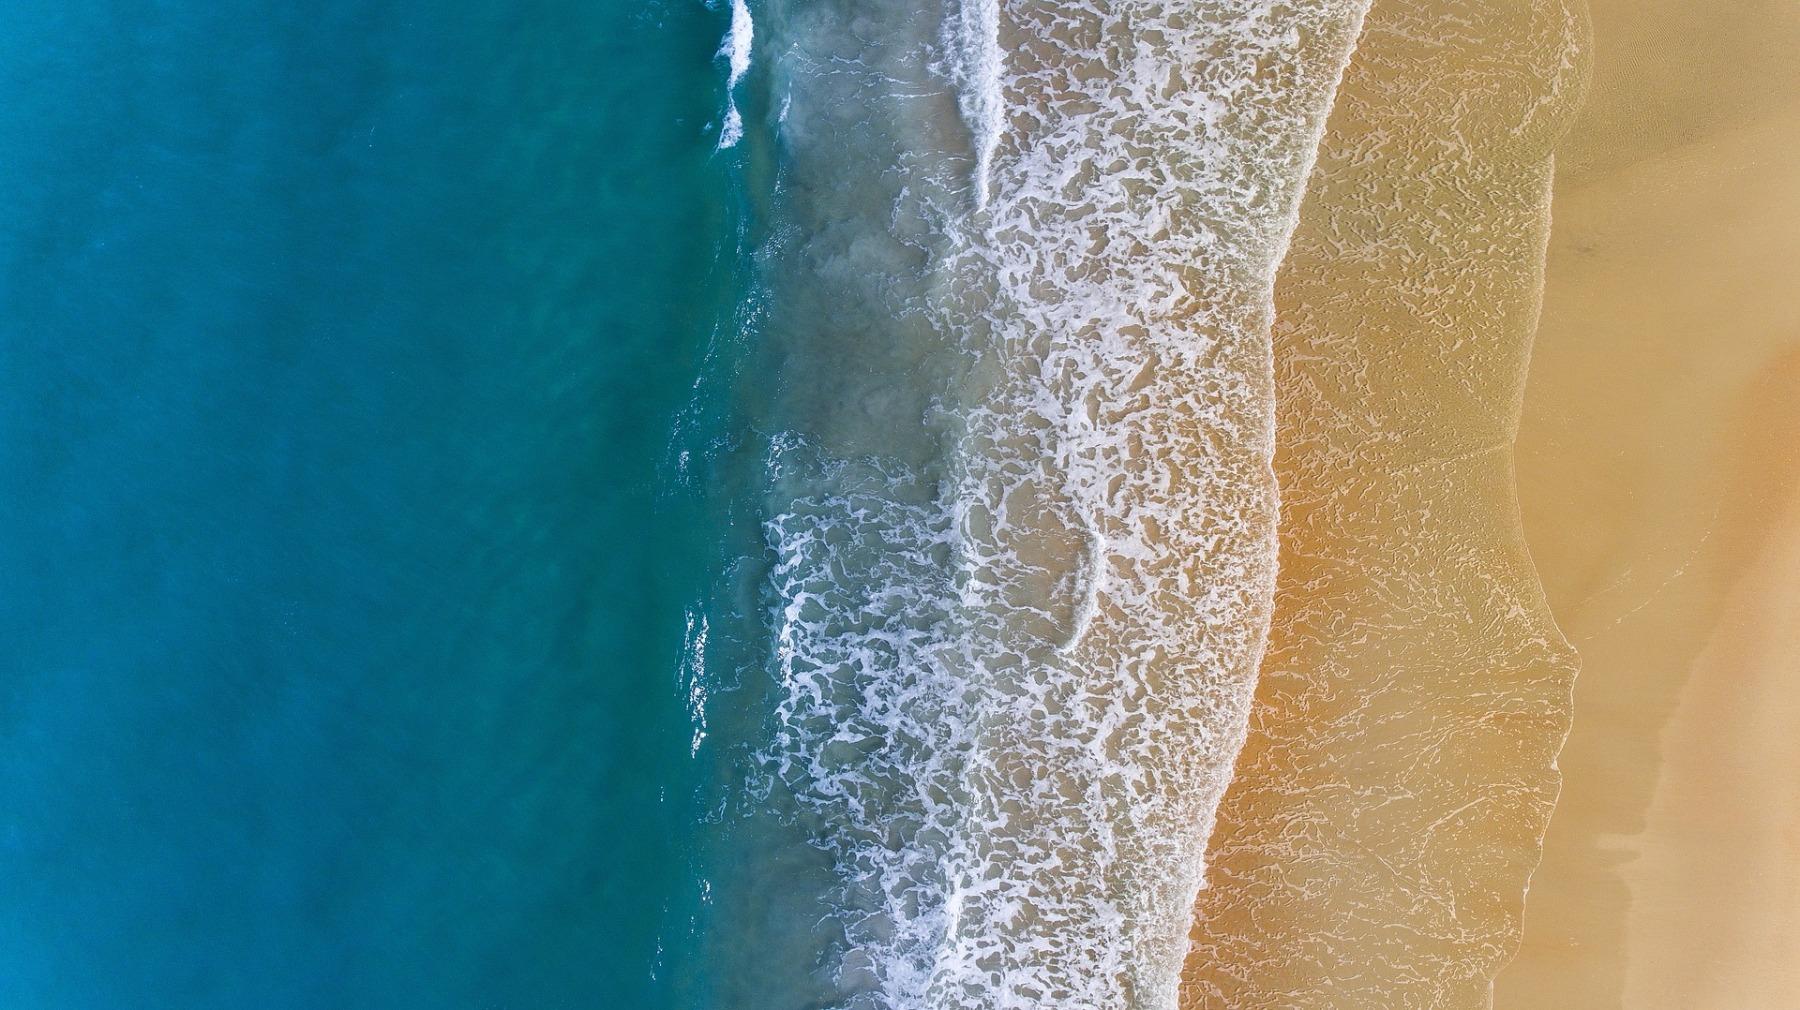 Más allá del horizonte (microrrelatos sobre playas)